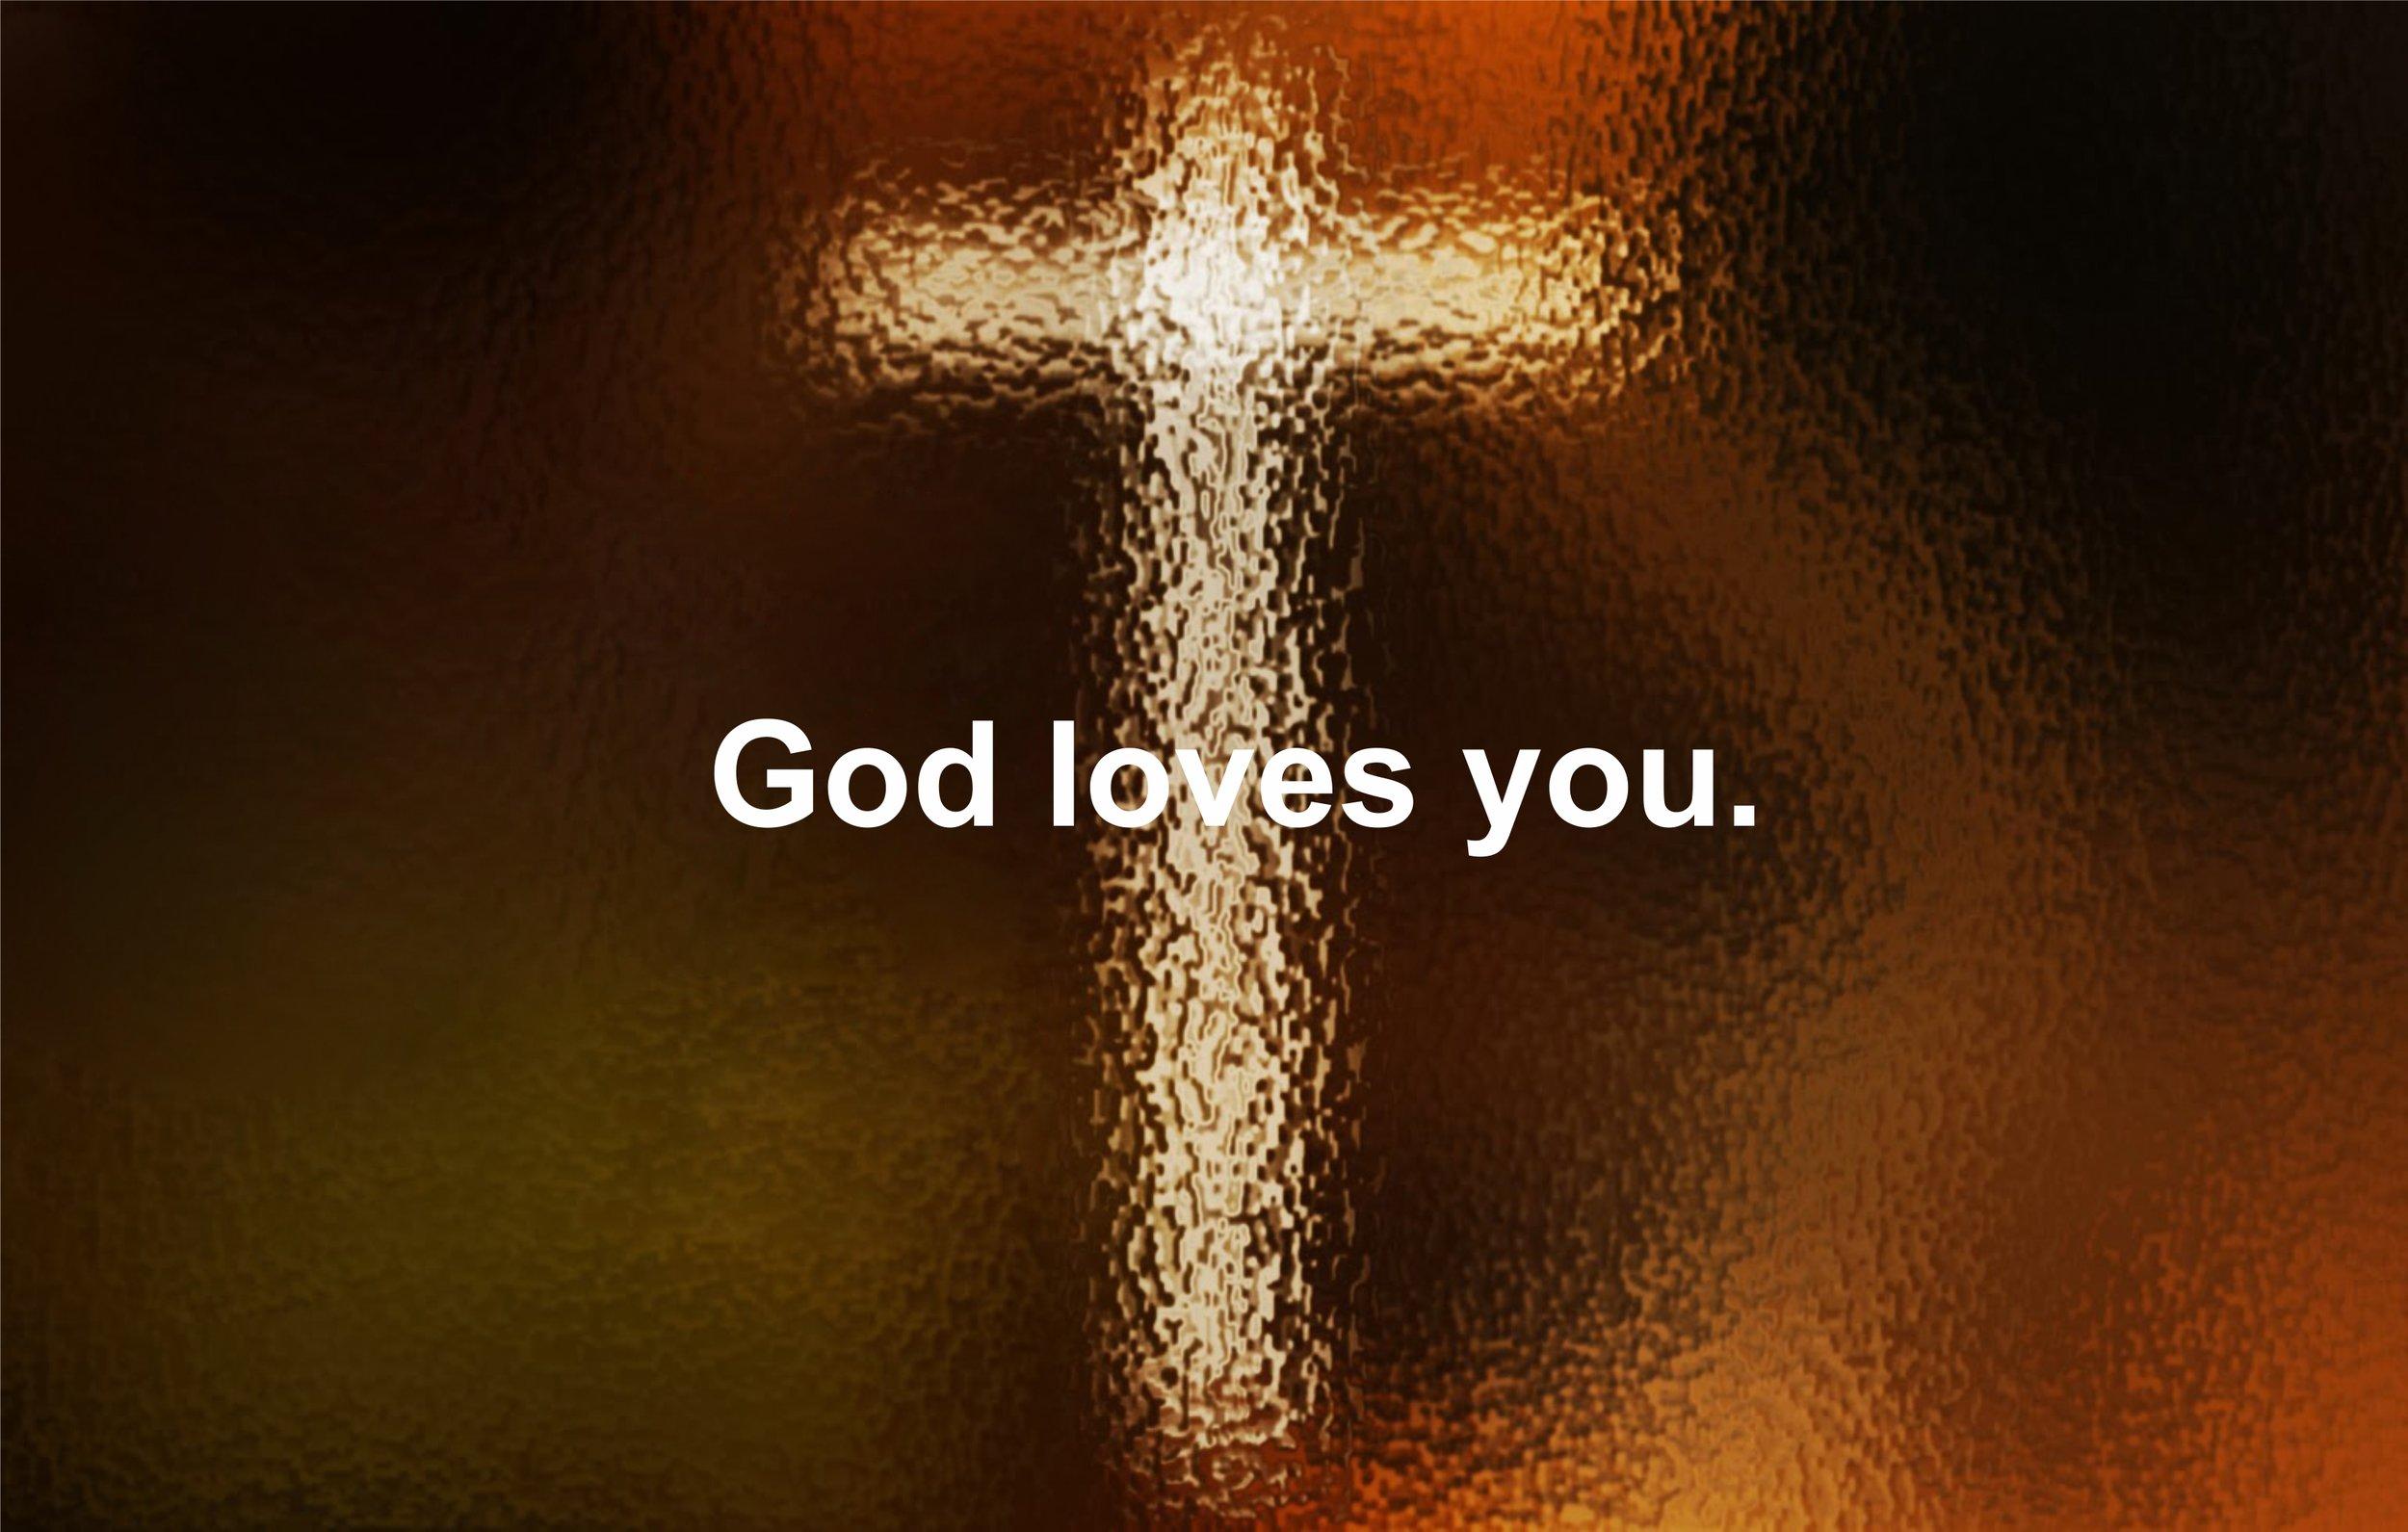 GOD LOVES YOU.jpg